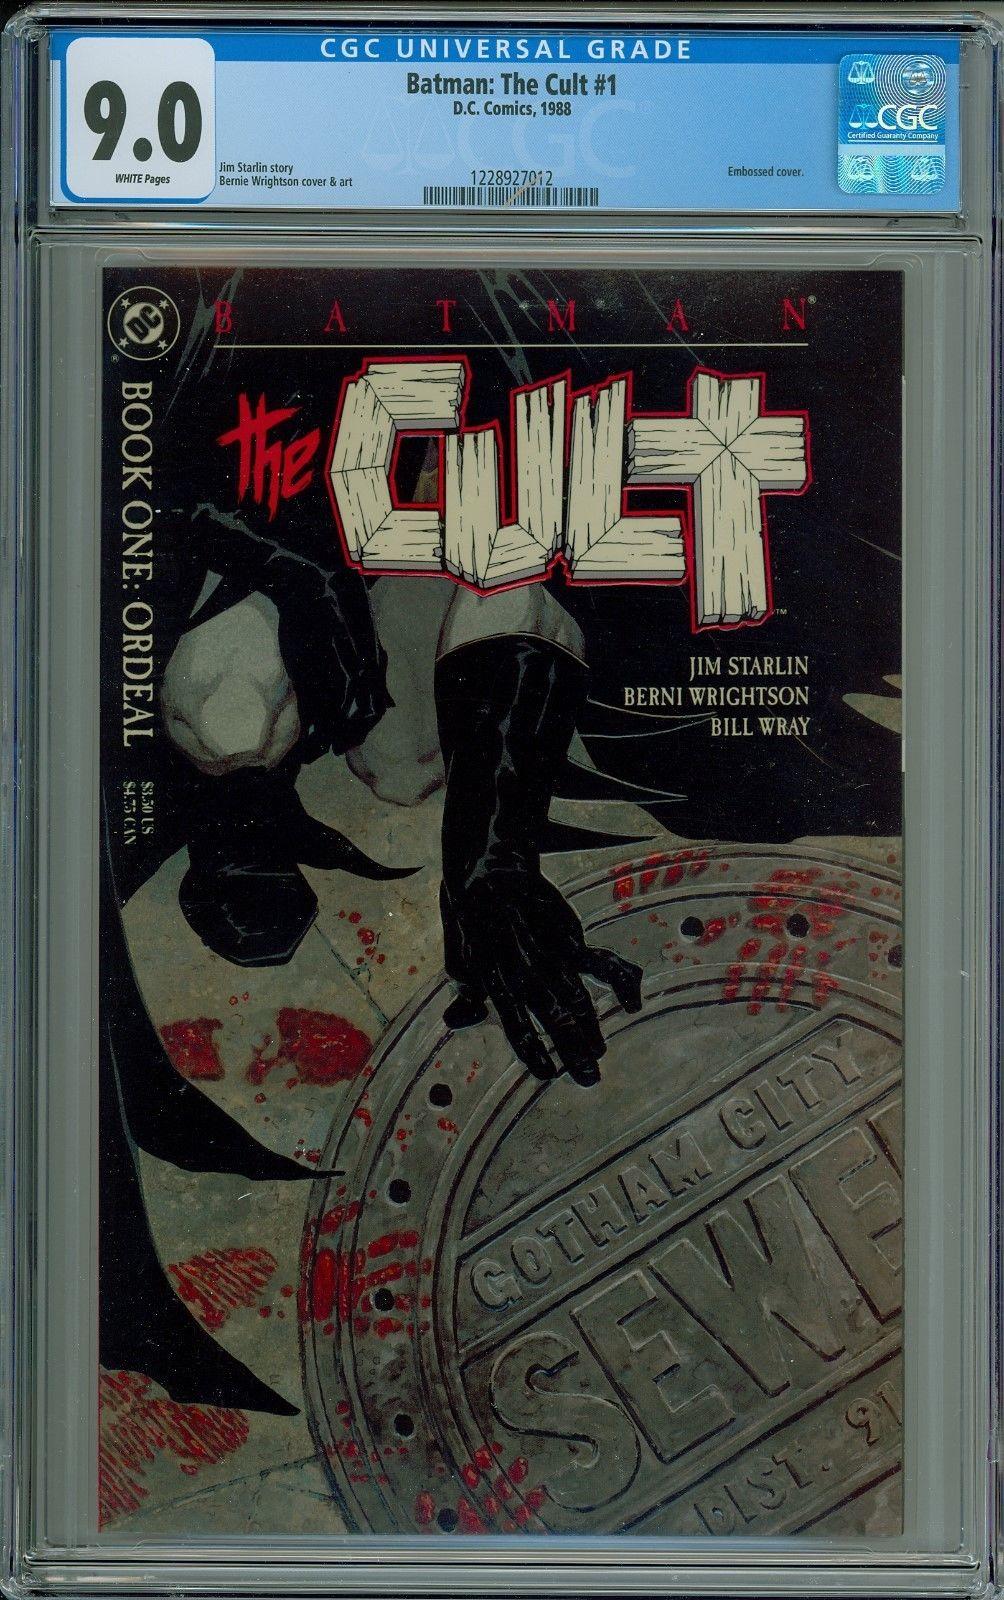 Batman: The Cult 1,2,3,4 CGC